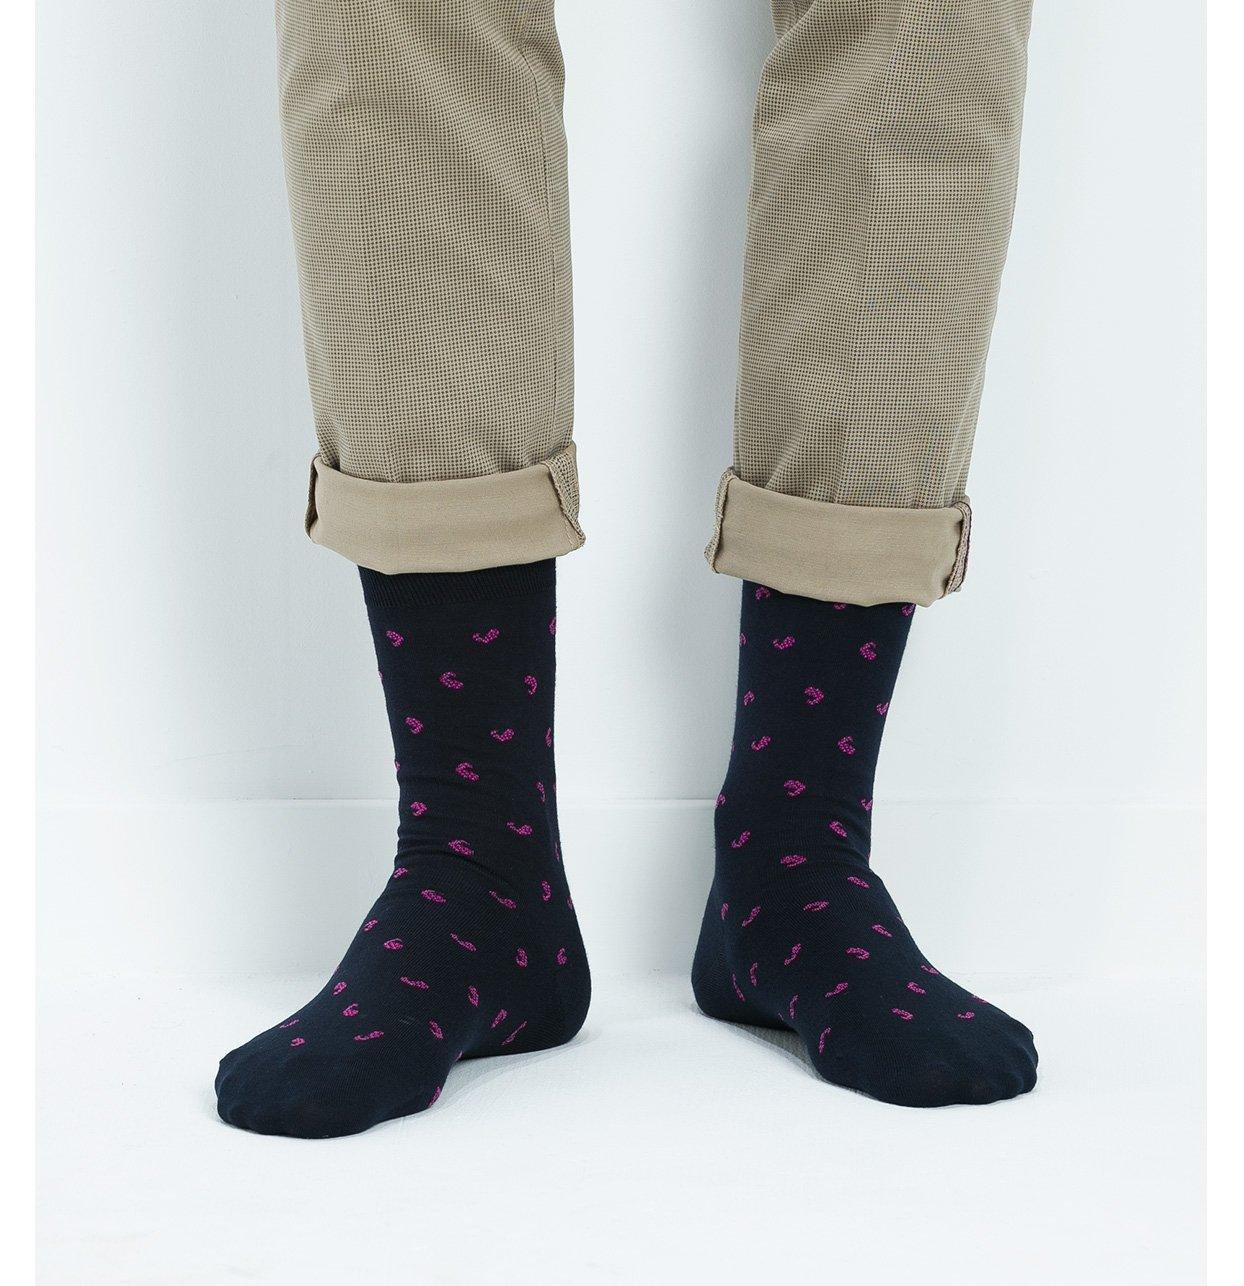 Calcetín corto estampado fantasia color marino,100% algodón